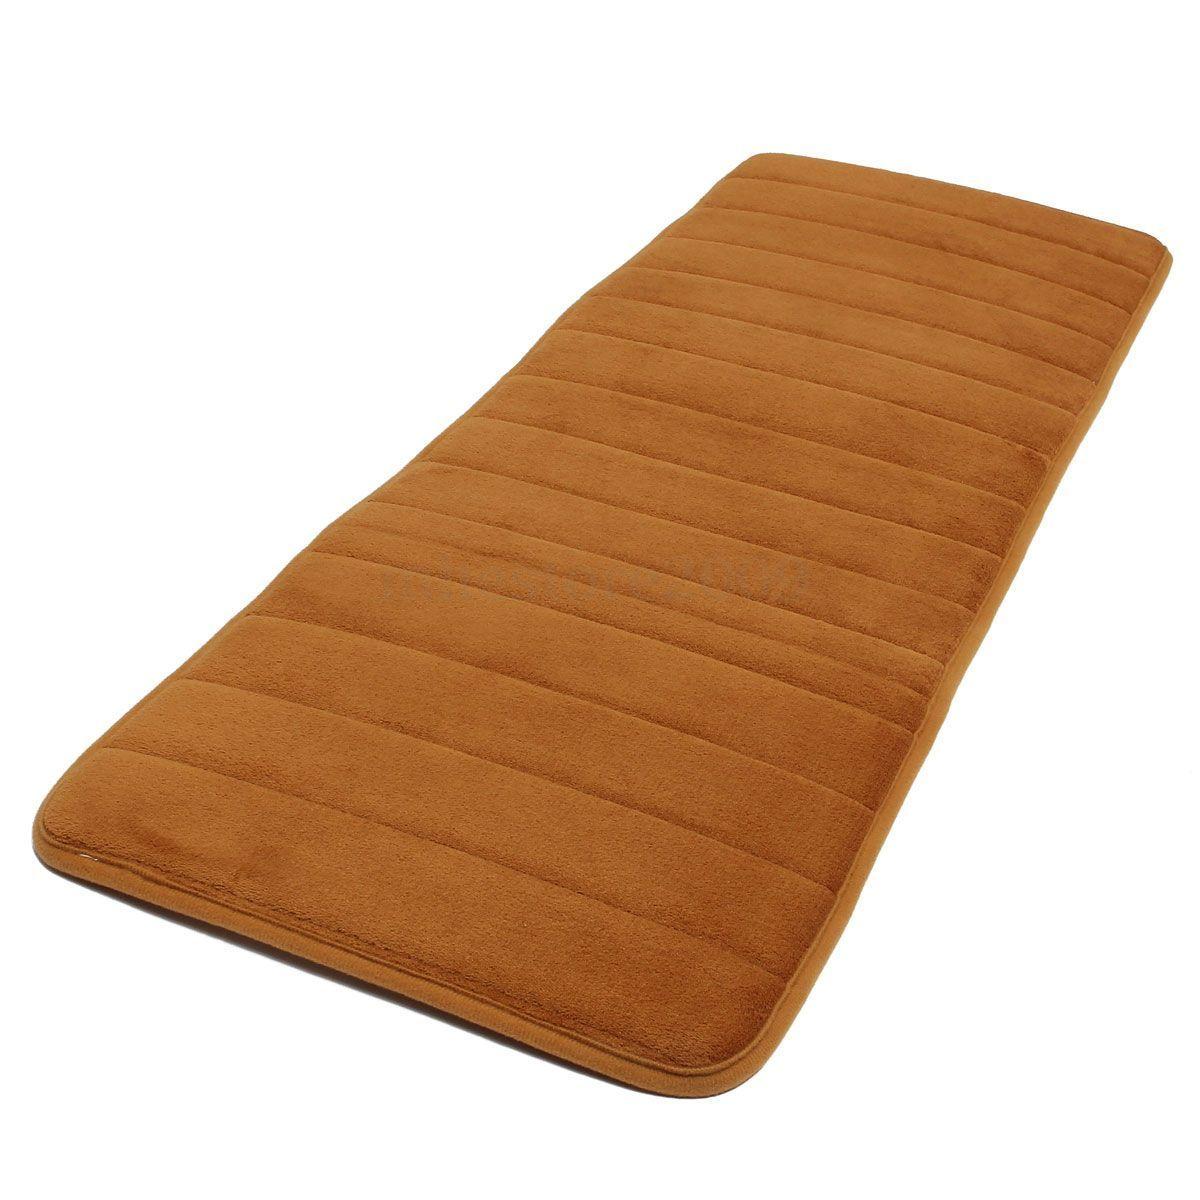 w6 120x40cm nonslip memory foam kitchen bedroom door floor mat carpet dark blue. Black Bedroom Furniture Sets. Home Design Ideas